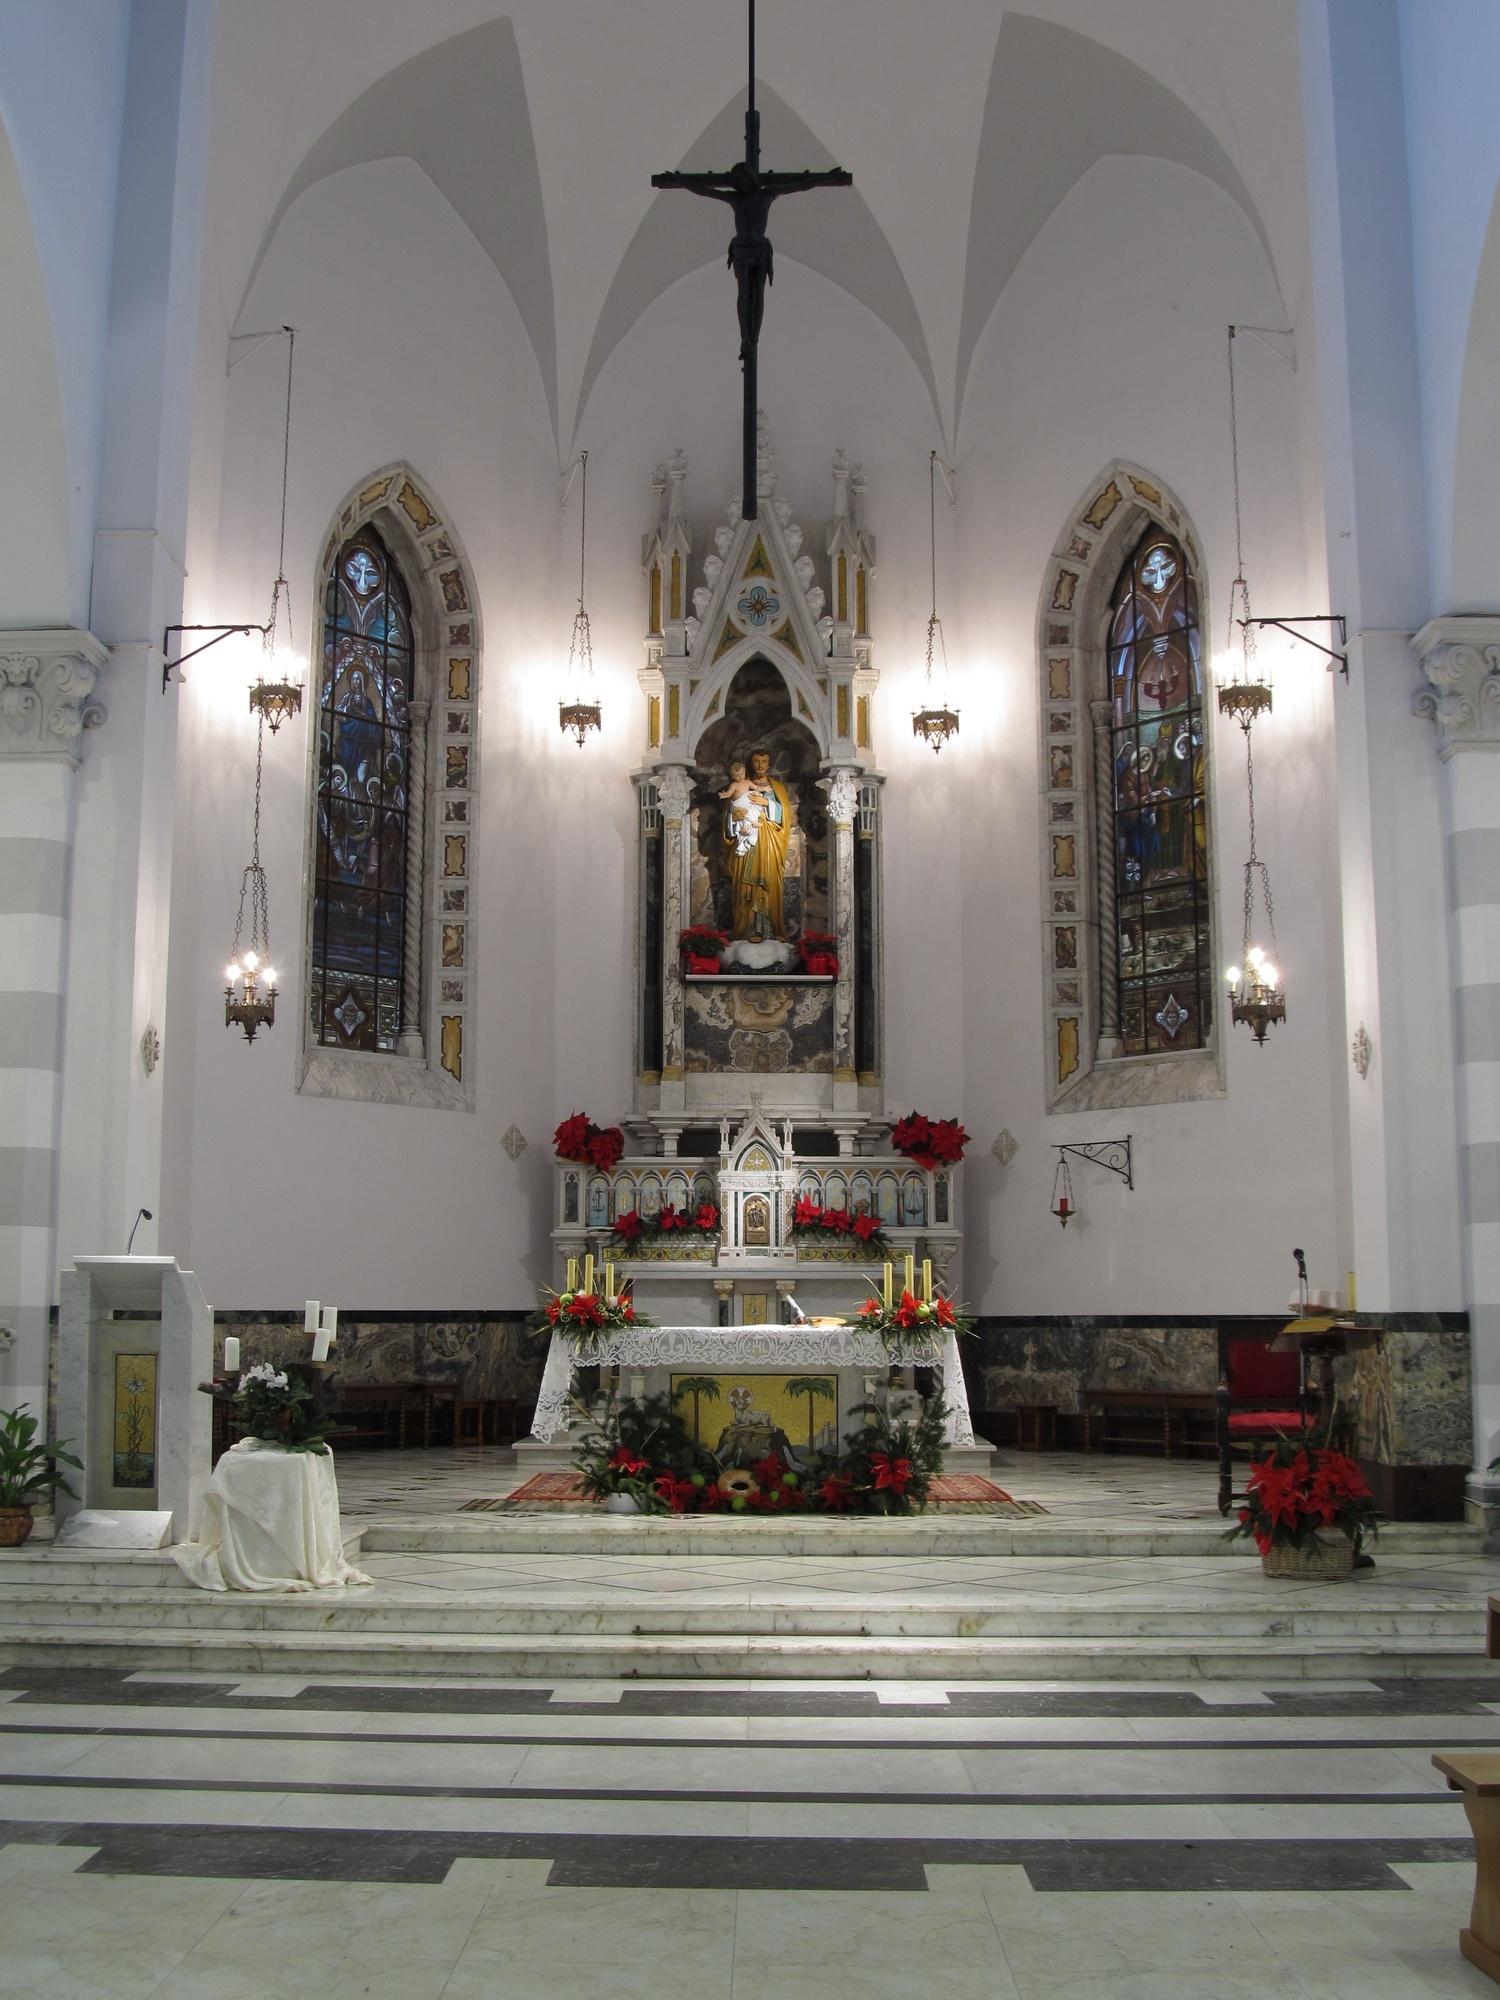 chiesa-natale-2015-12-24-15-01-23